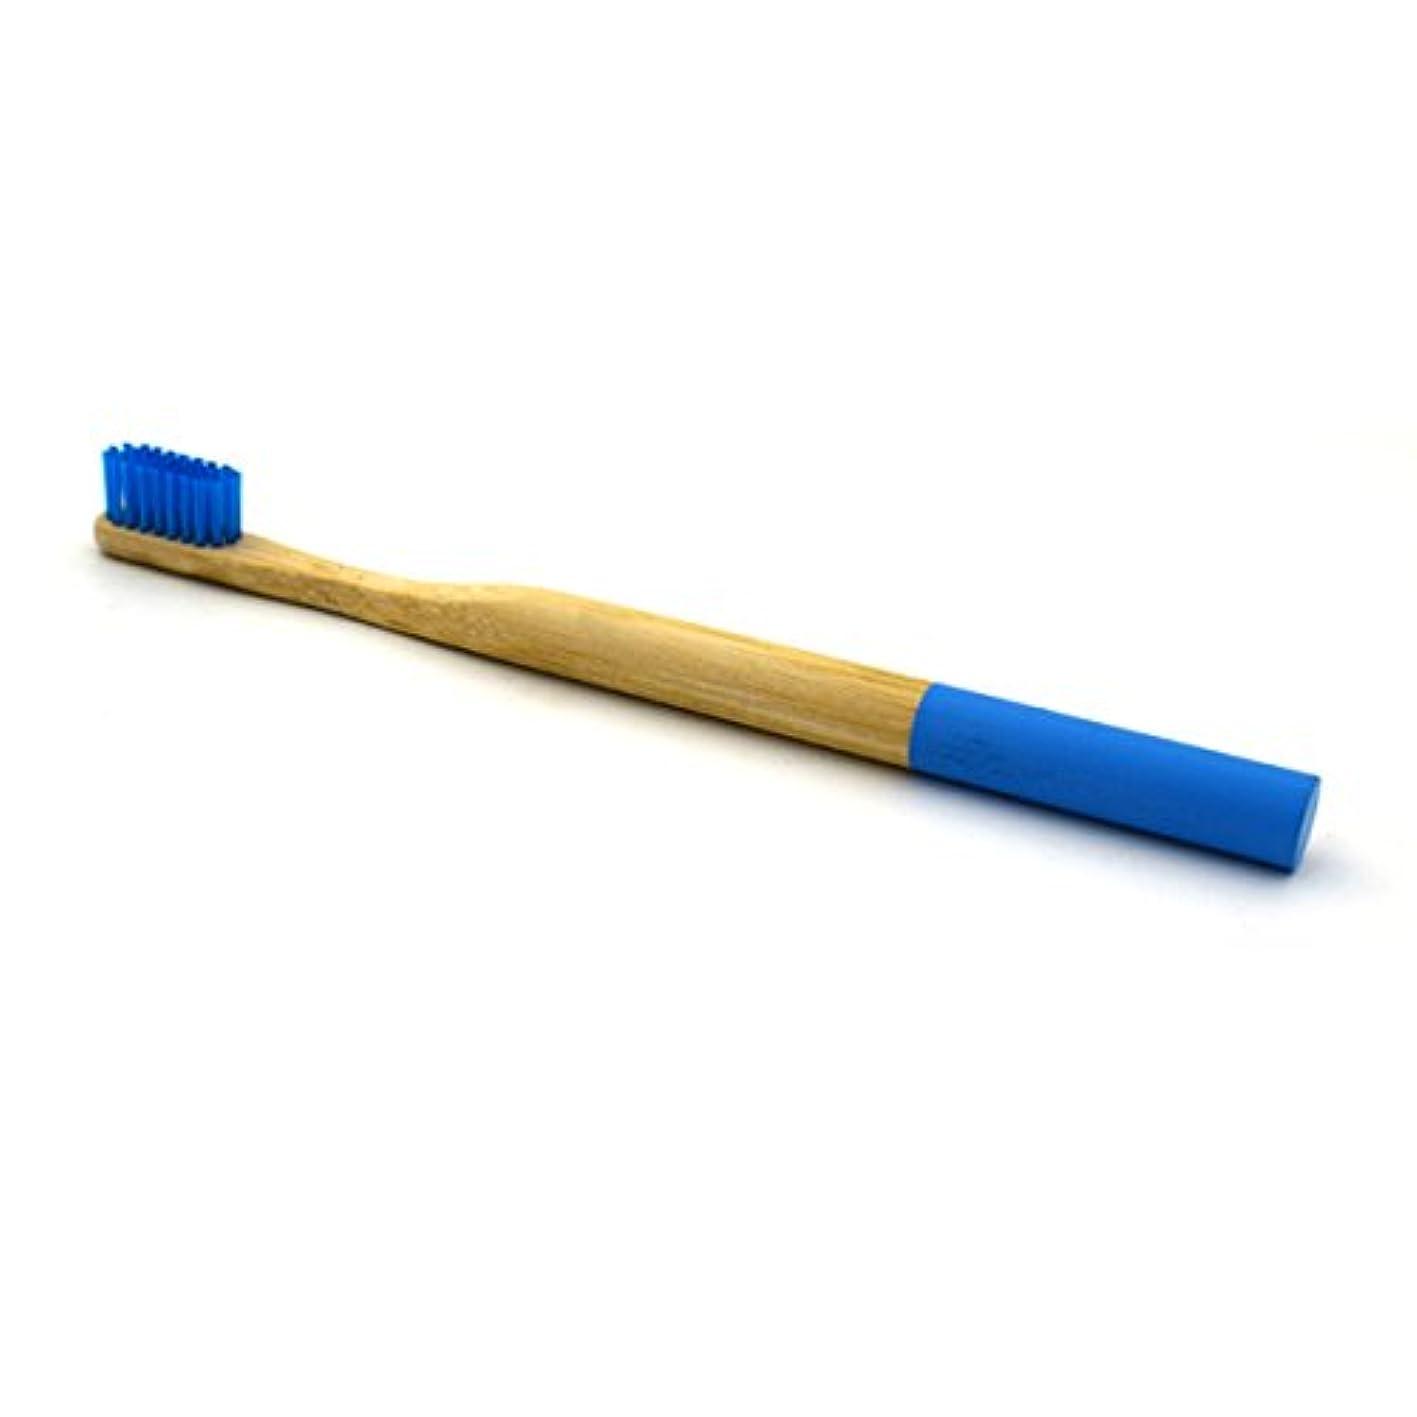 哺乳類水没定説HEALLILY 円形のハンドルのEcoの友好的で柔らかい剛毛の歯ブラシが付いている2 PCS自然なタケ歯ブラシ